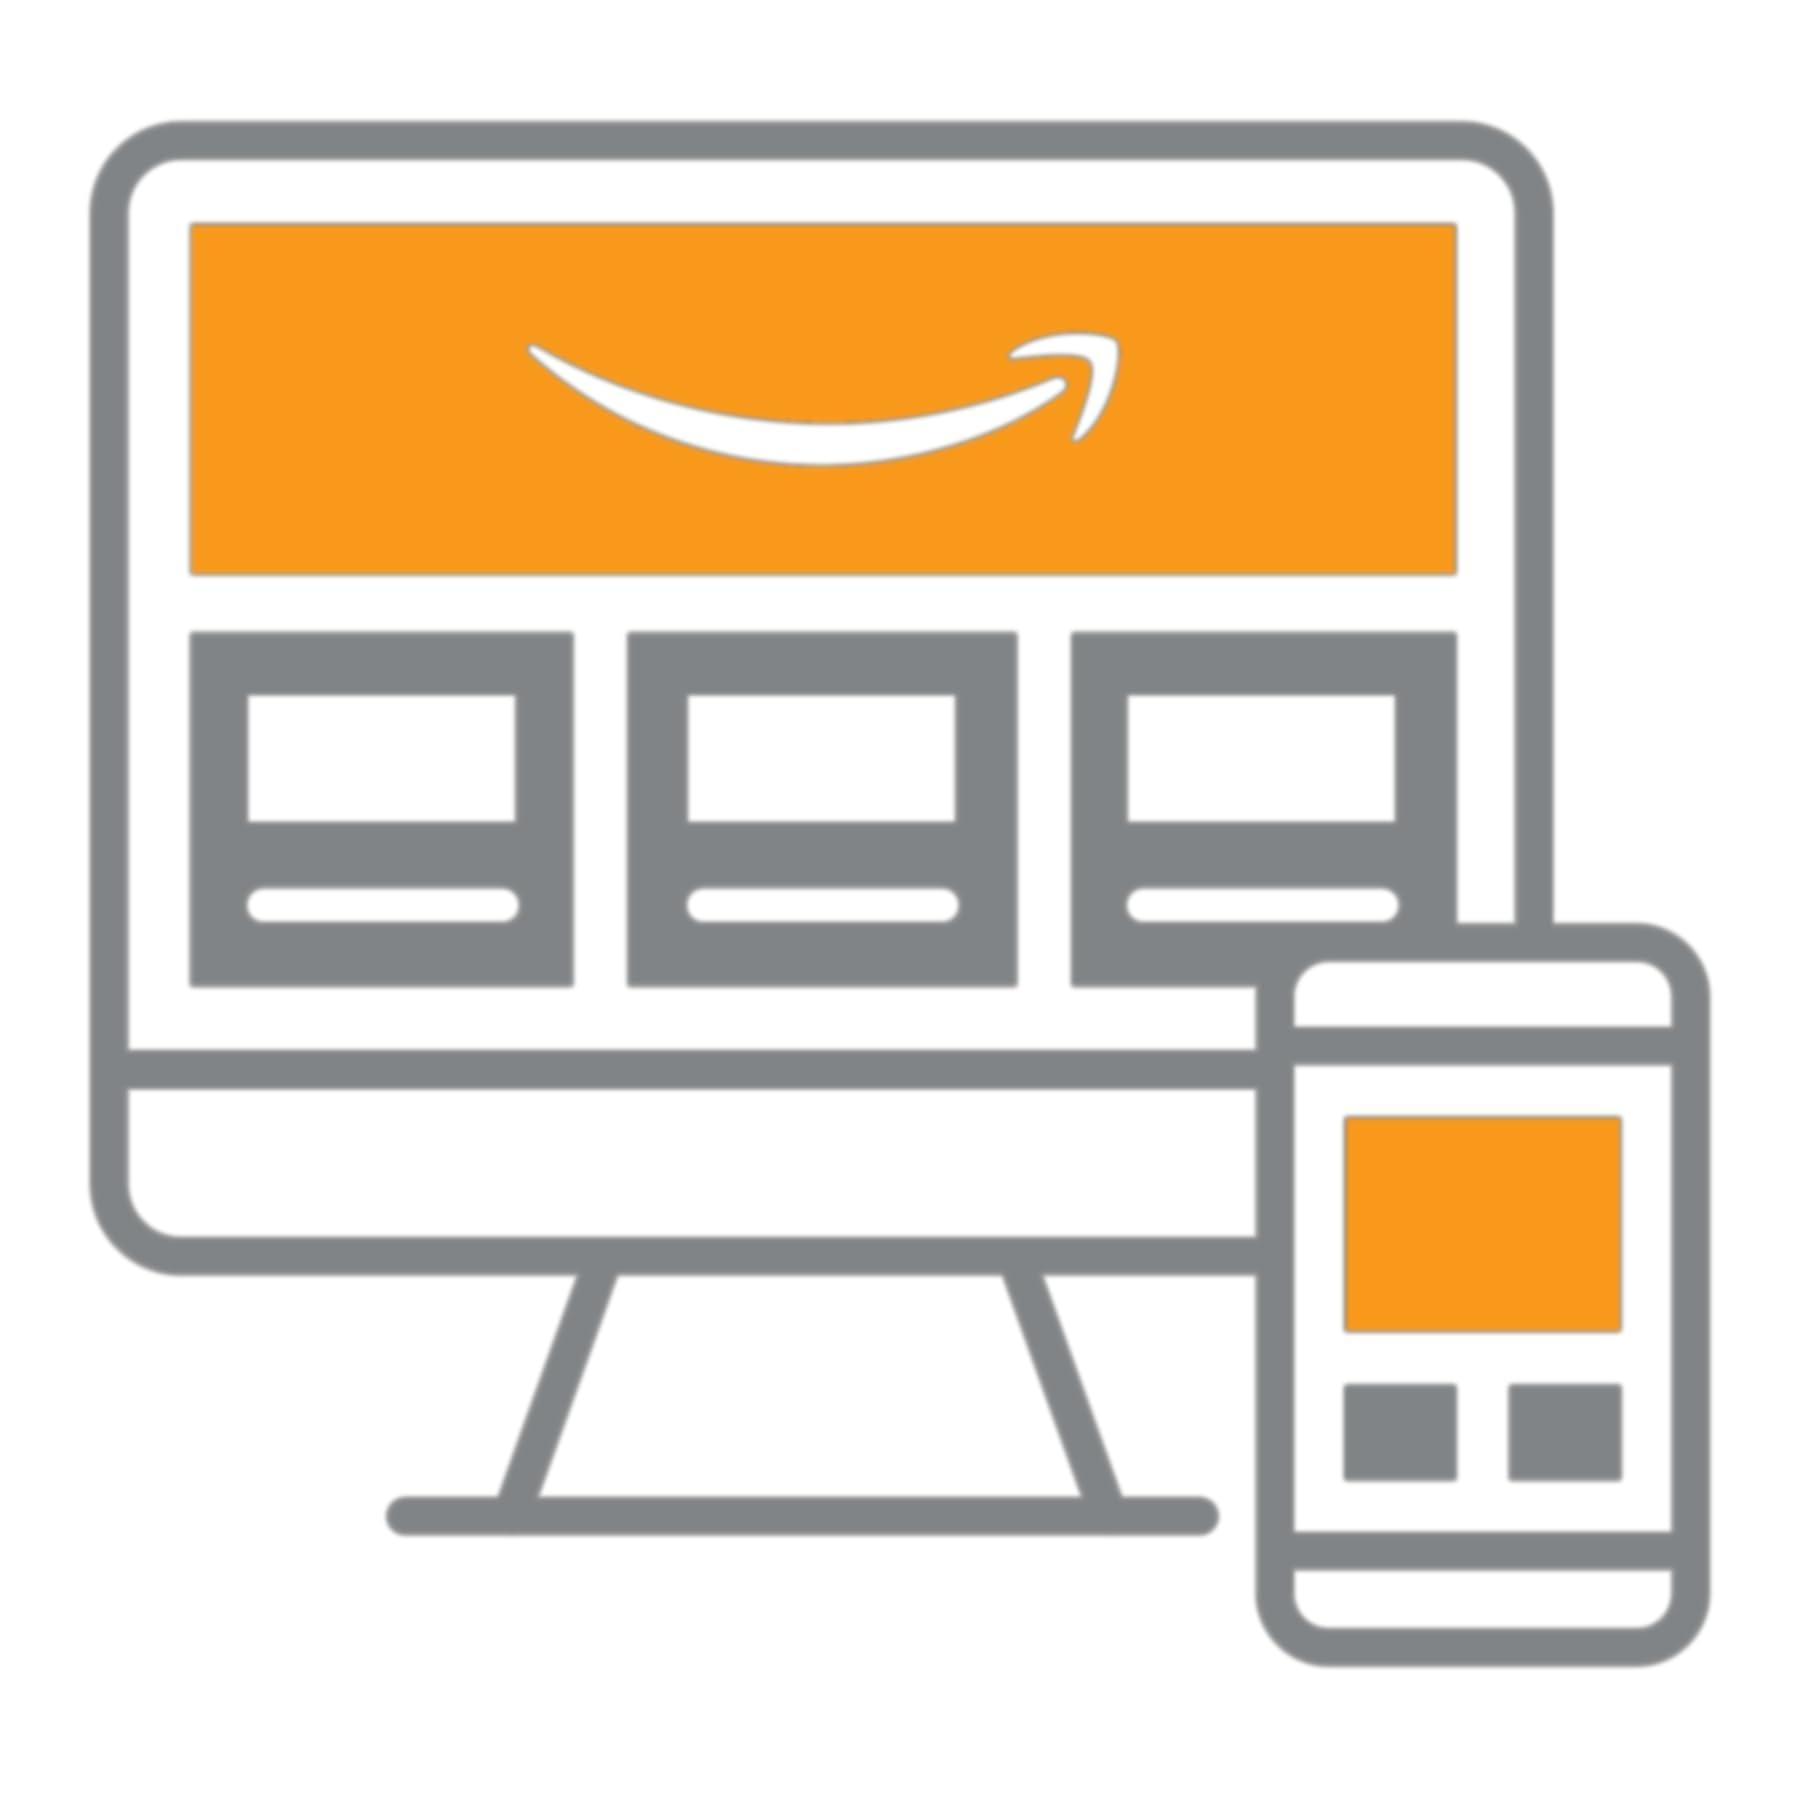 Canal de anúncios das Stores em computadores e dispositivos móveis